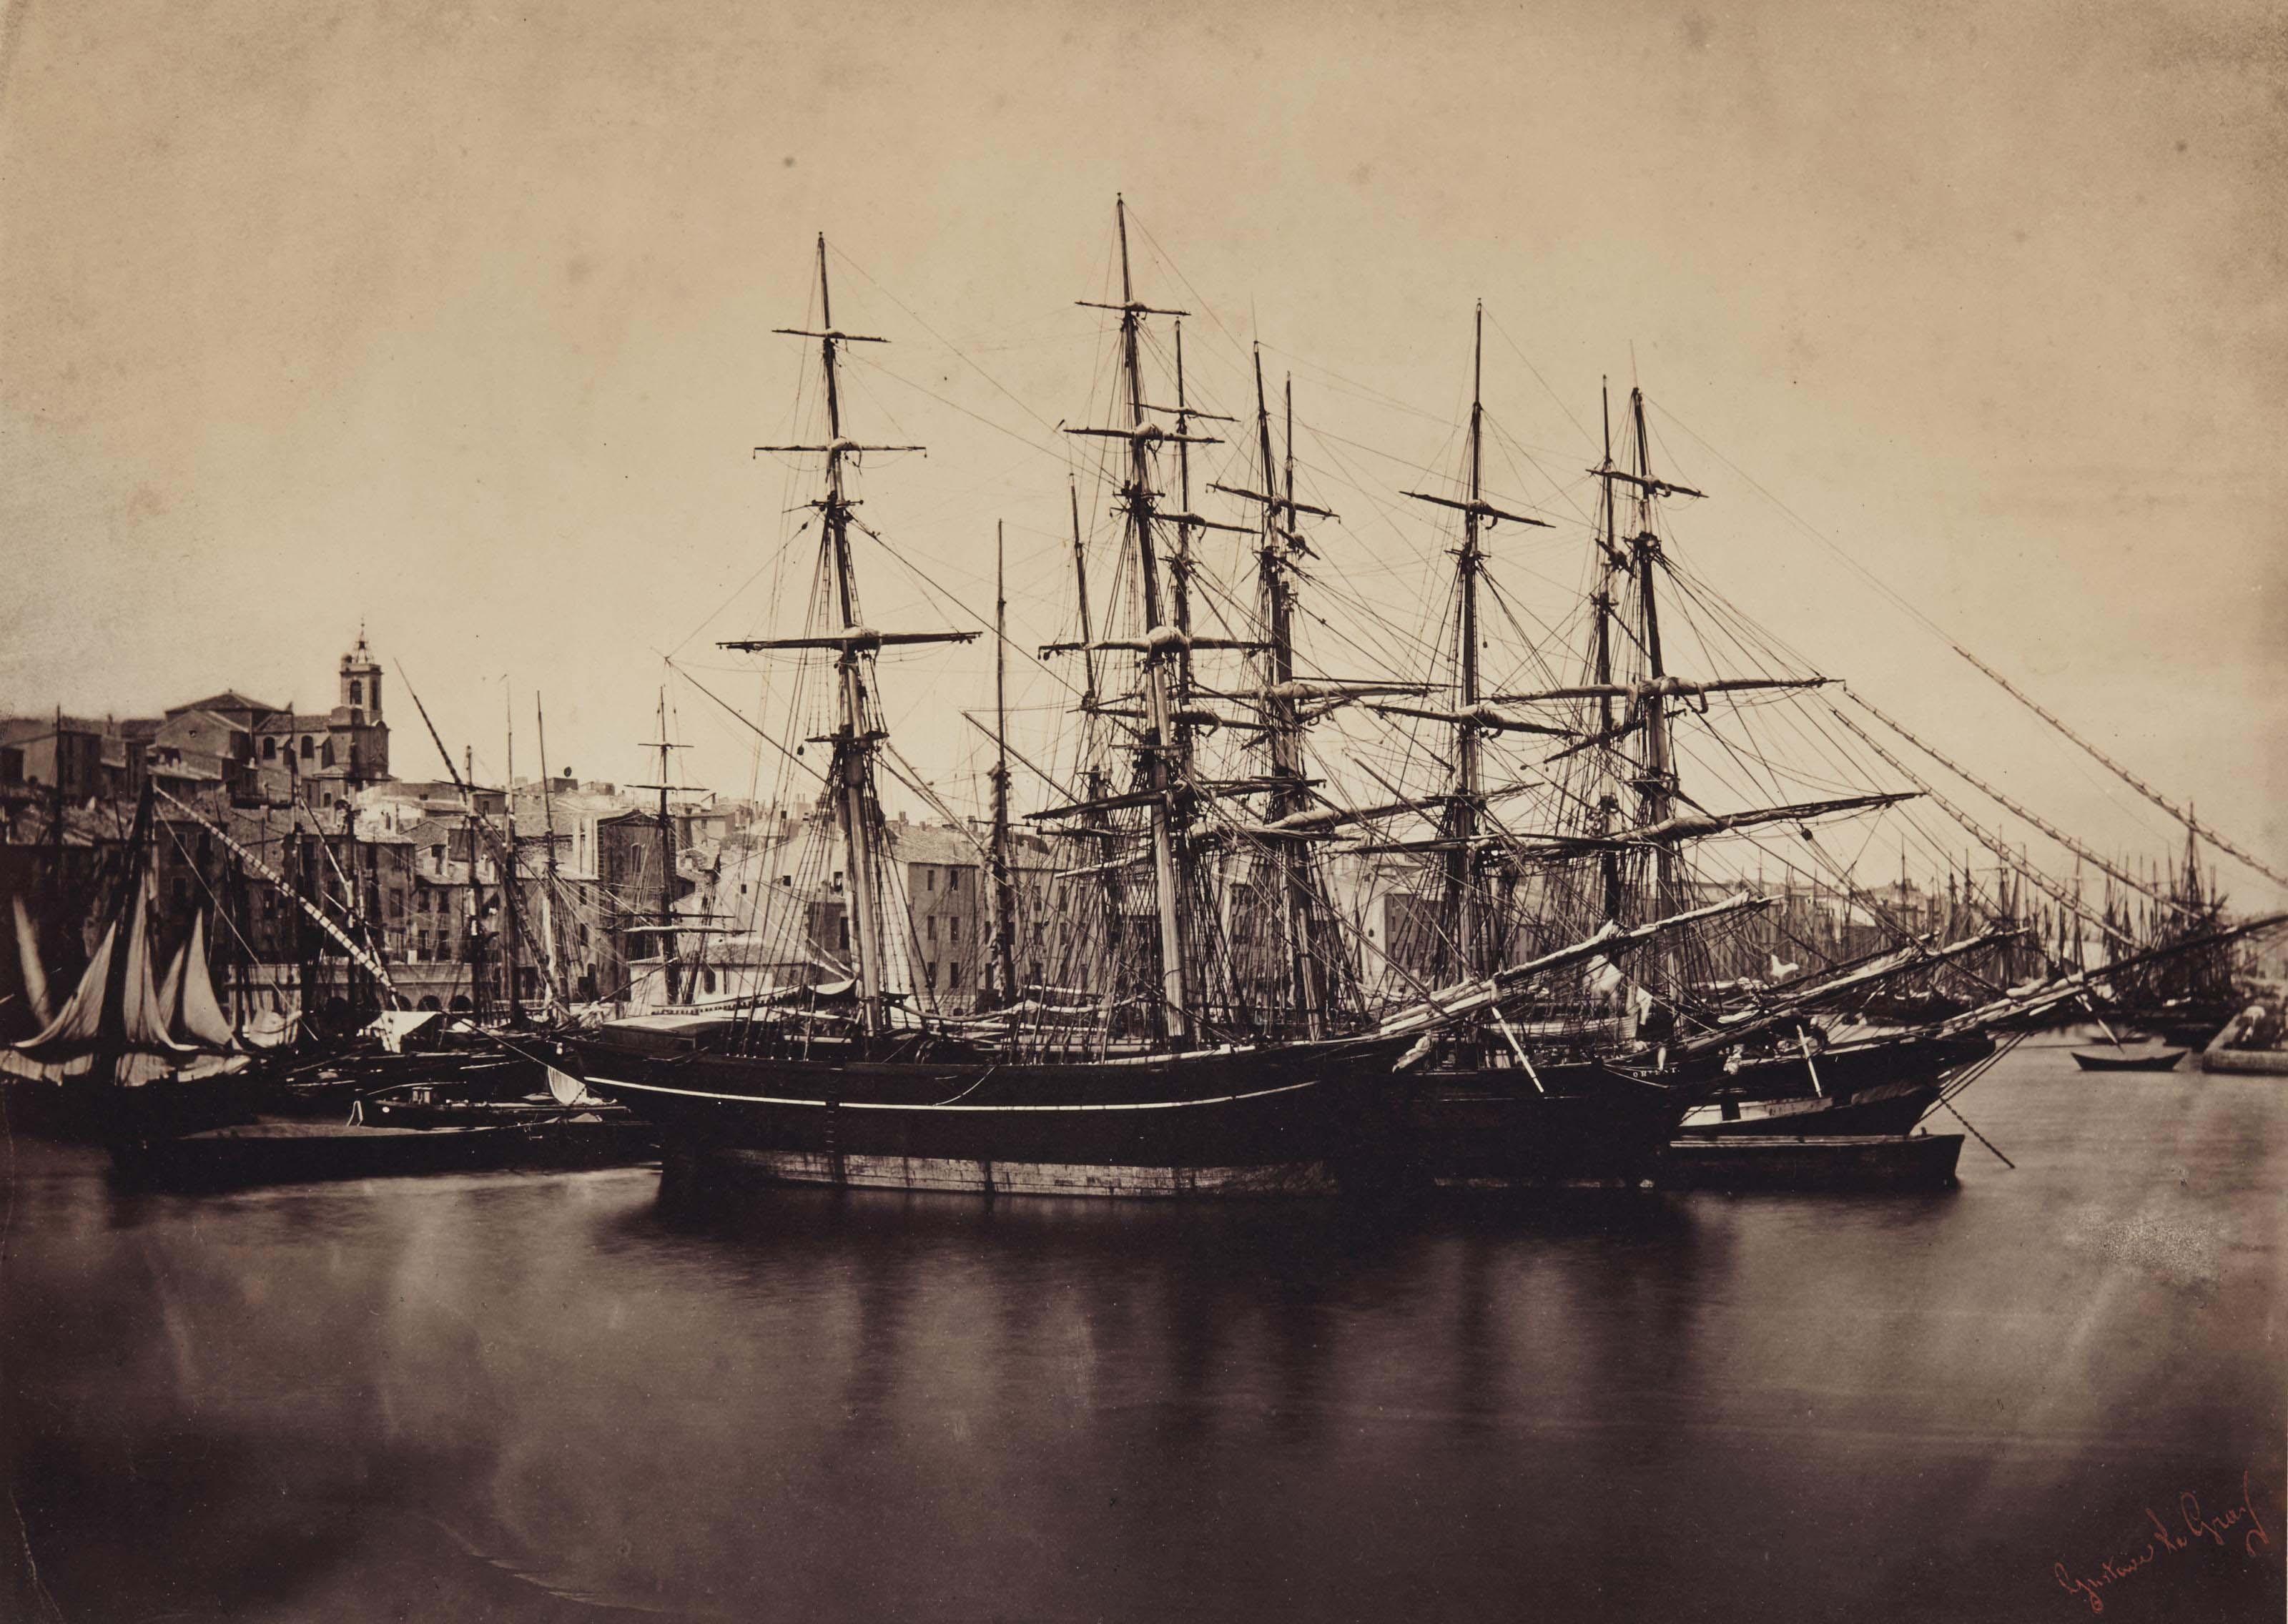 Groupe de navires - Cette (Sète), Méditerranée, 1857